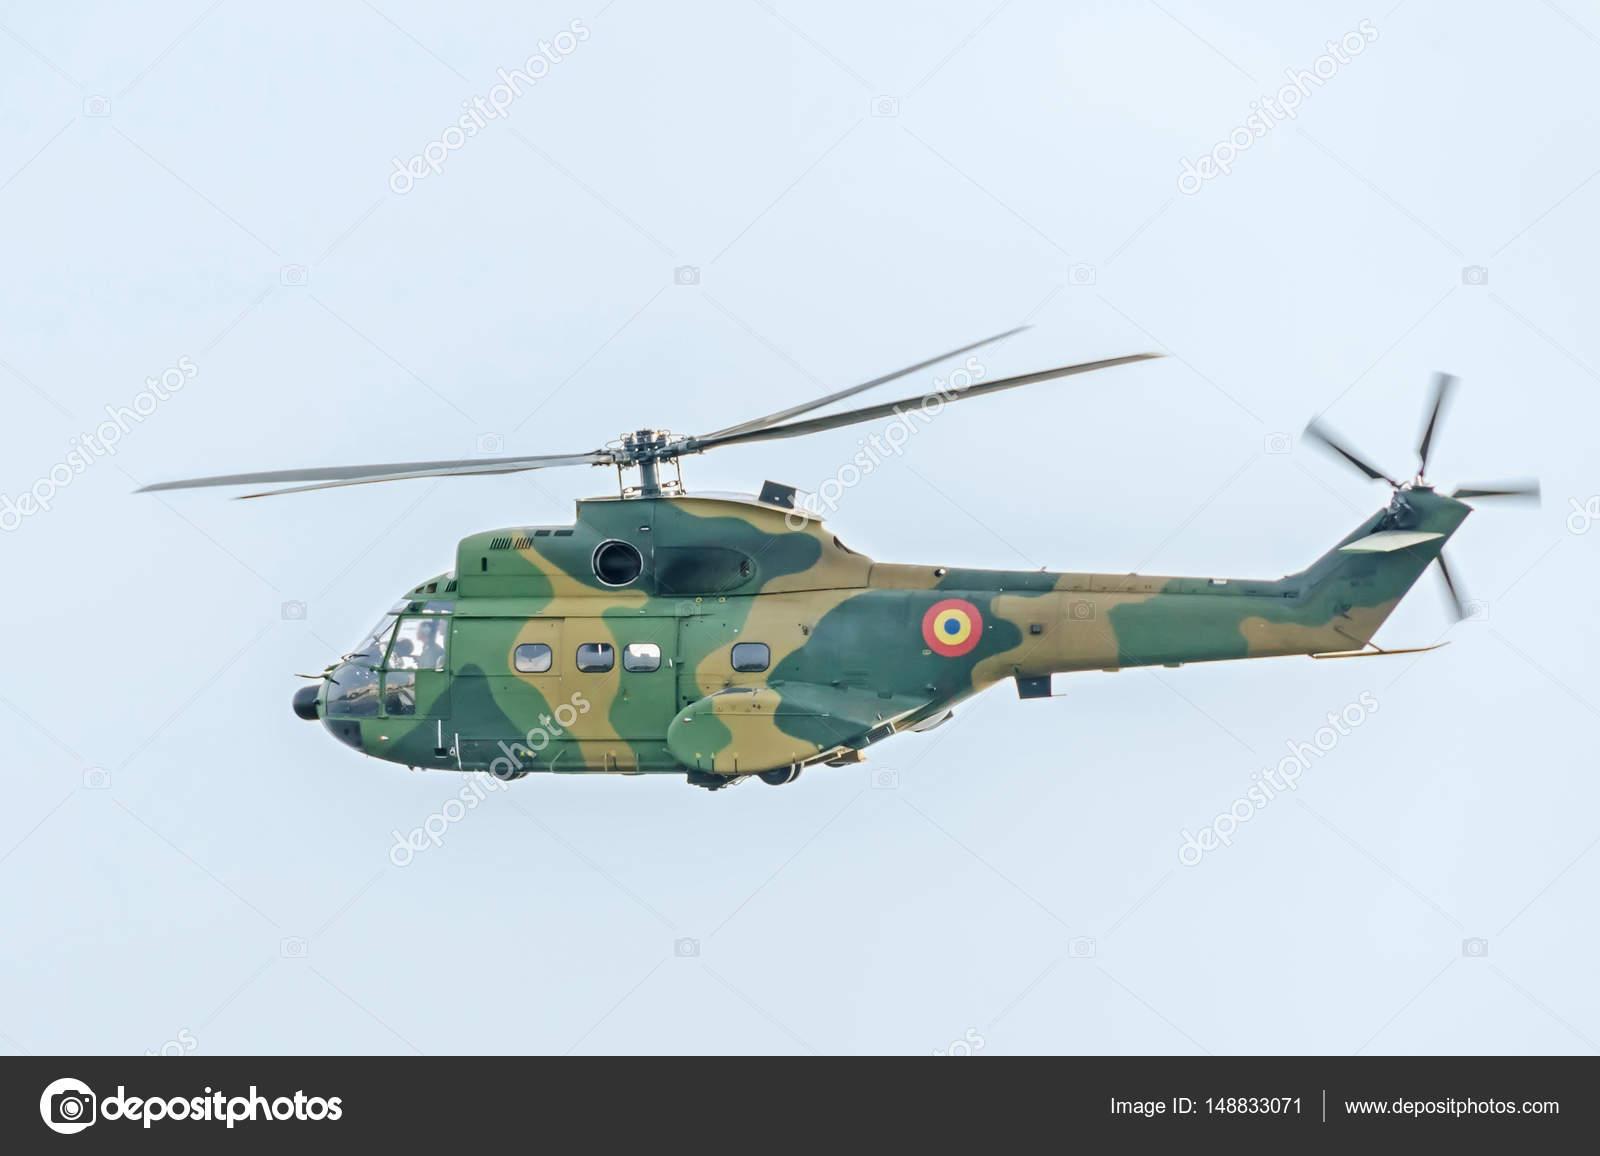 Elicottero Puma : Puma elicottero piloti formazione nel cielo blu vista